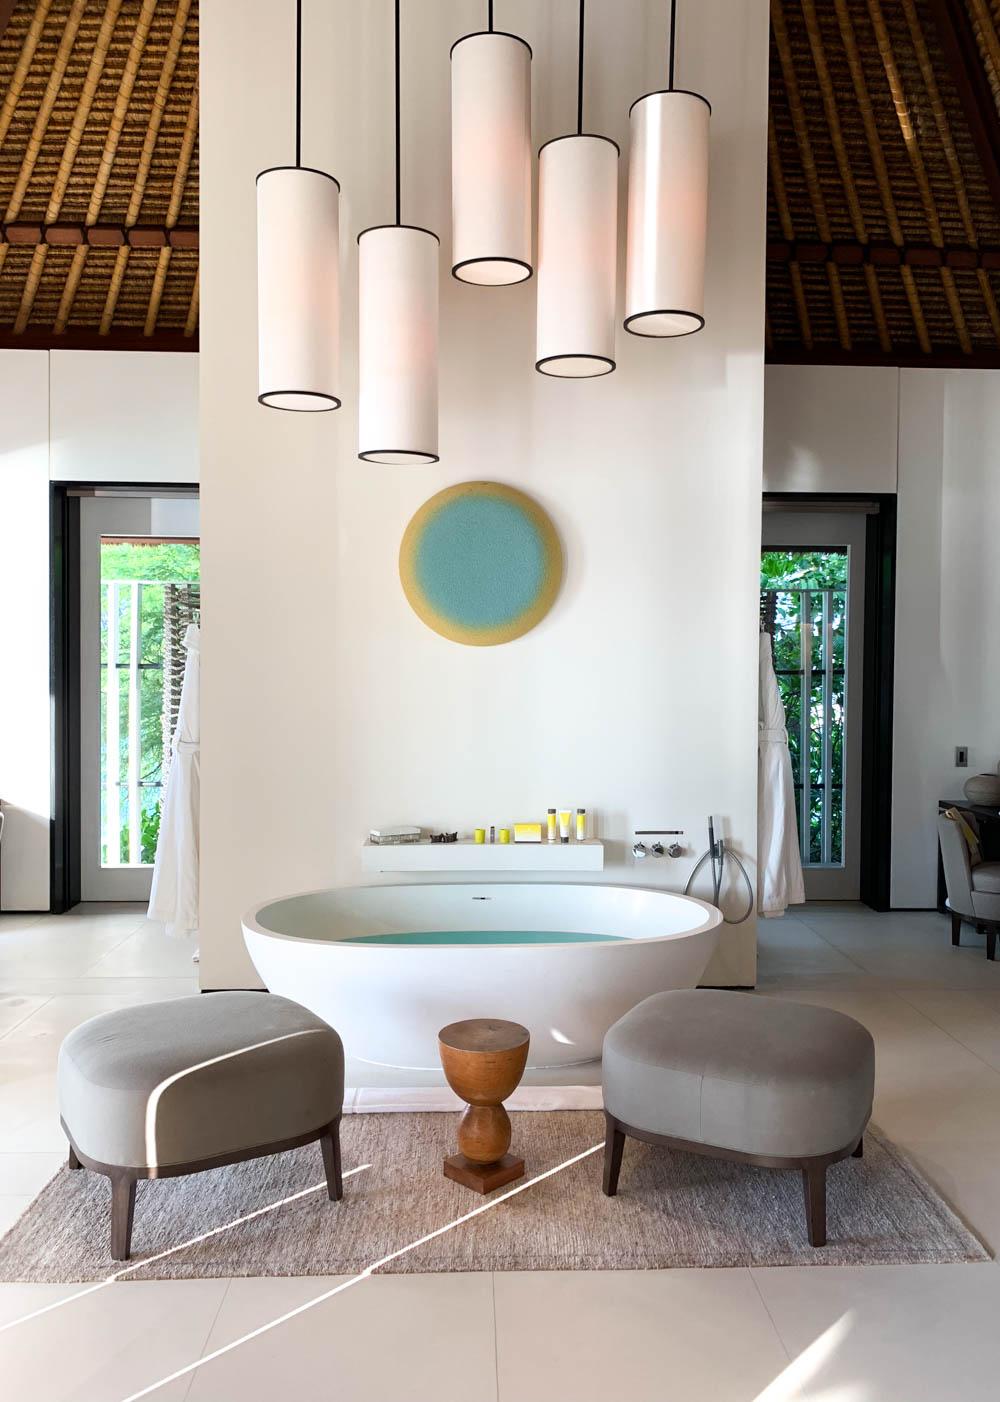 Maldives_Resort_Honeymoon_Cheval_Blanc_MaldivesTravelAdvisor-10.jpg